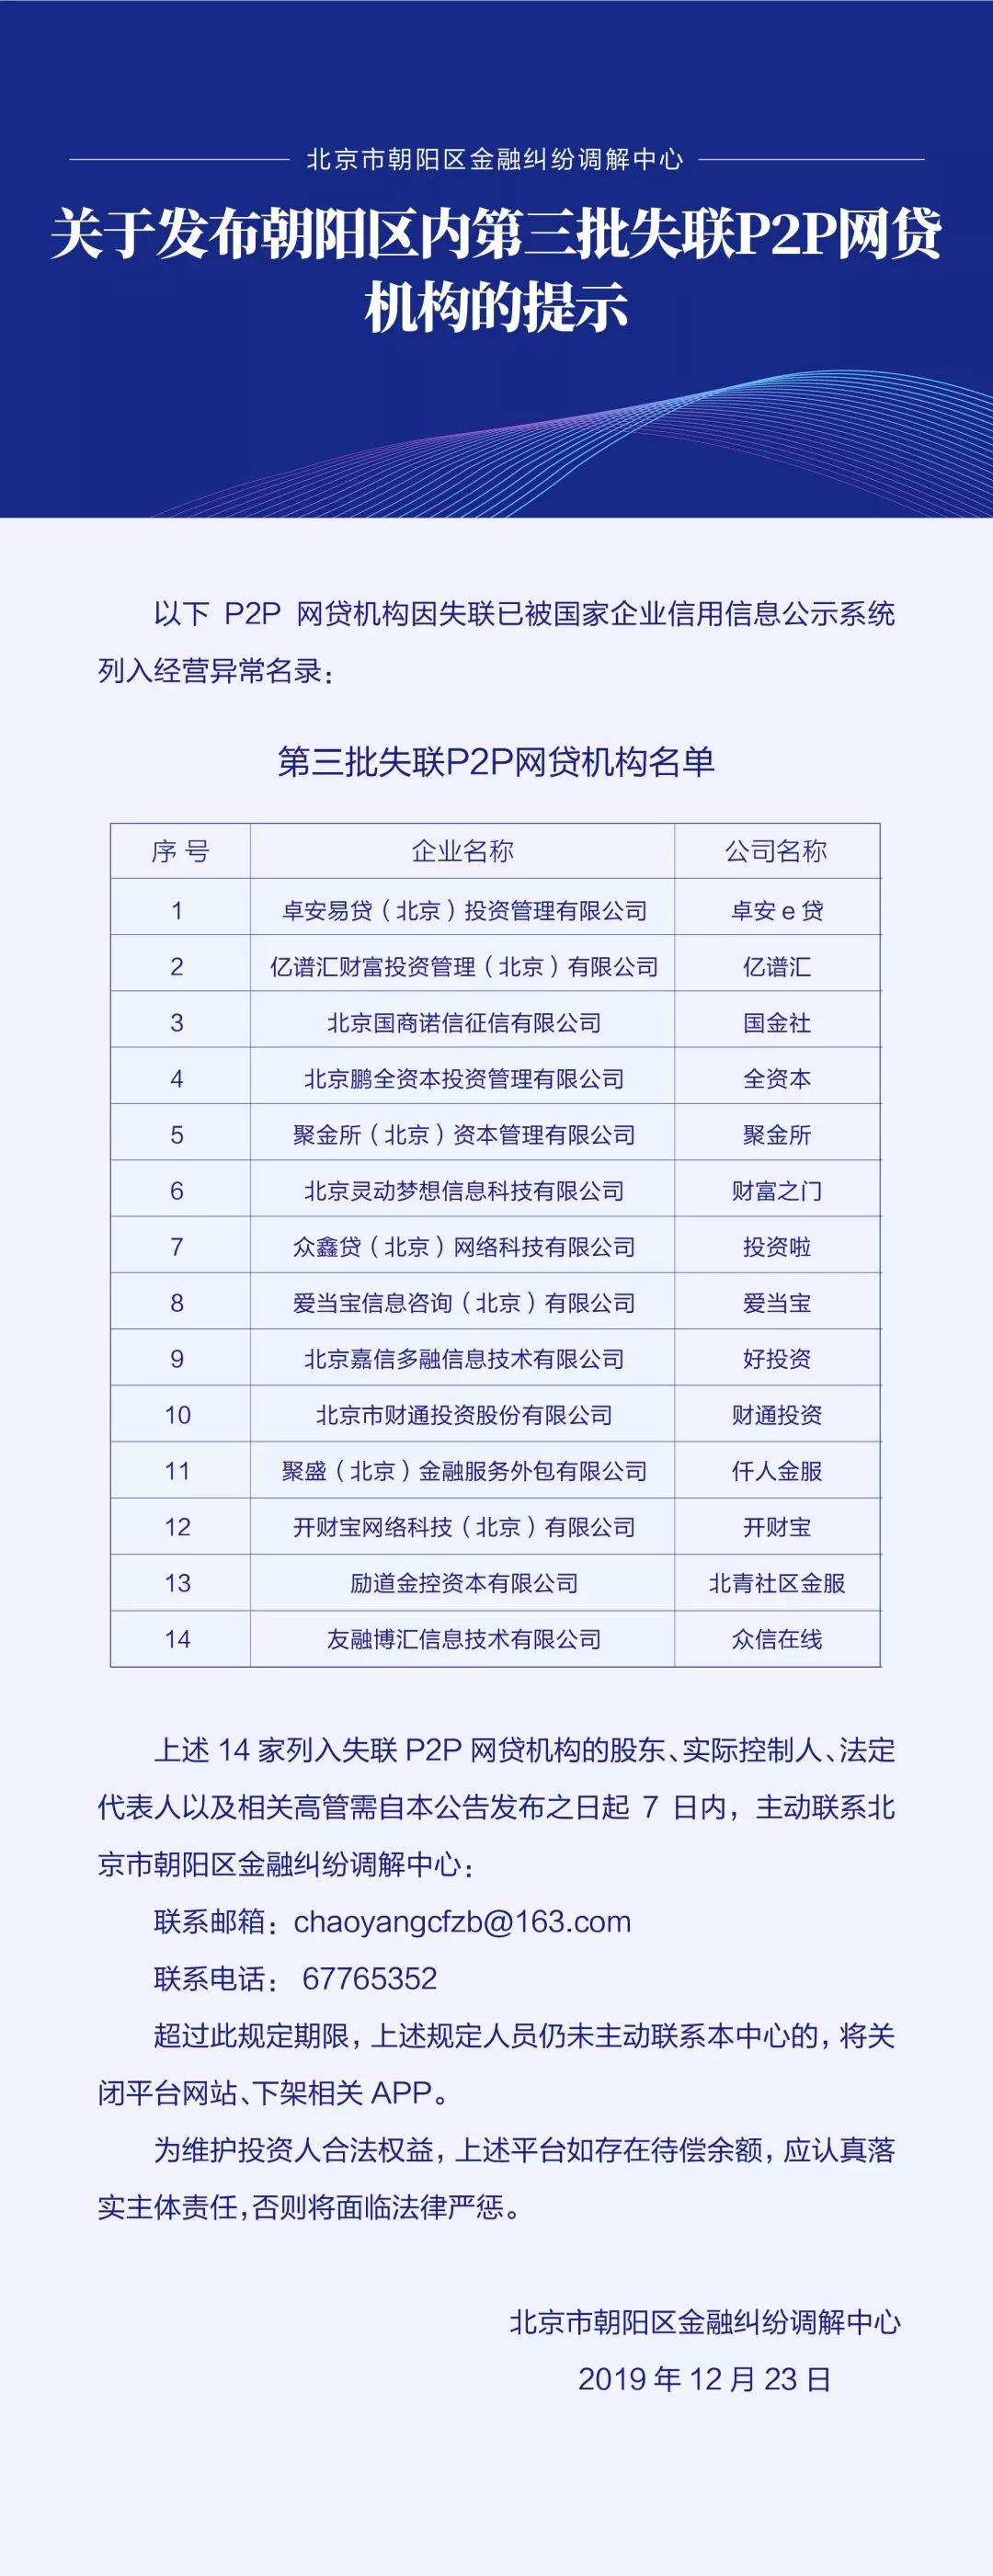 北京再披露14家失联P2P 已合计公示48家(名单)